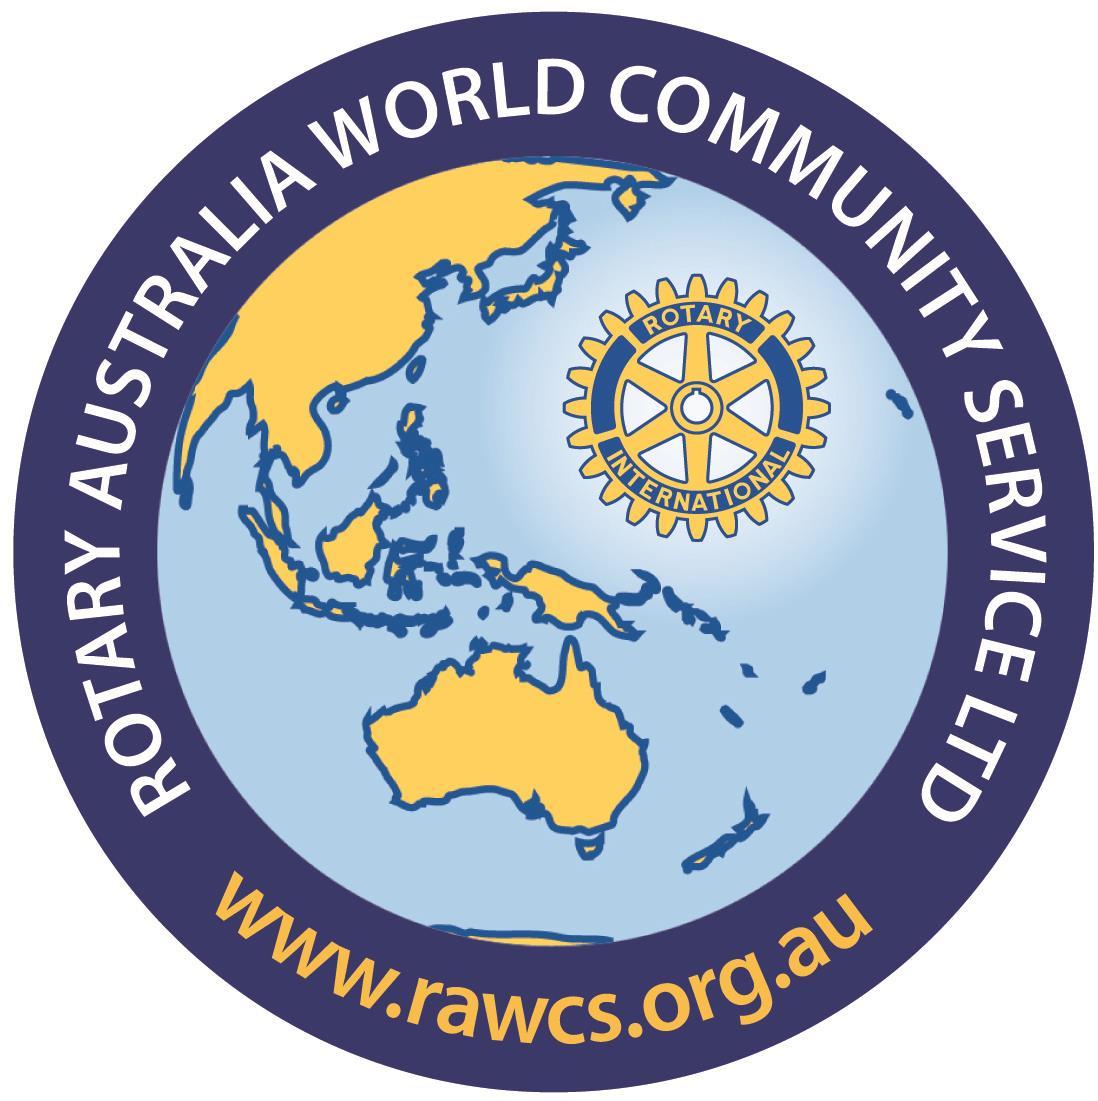 RAWCS-logo-NEW_v2.jpg